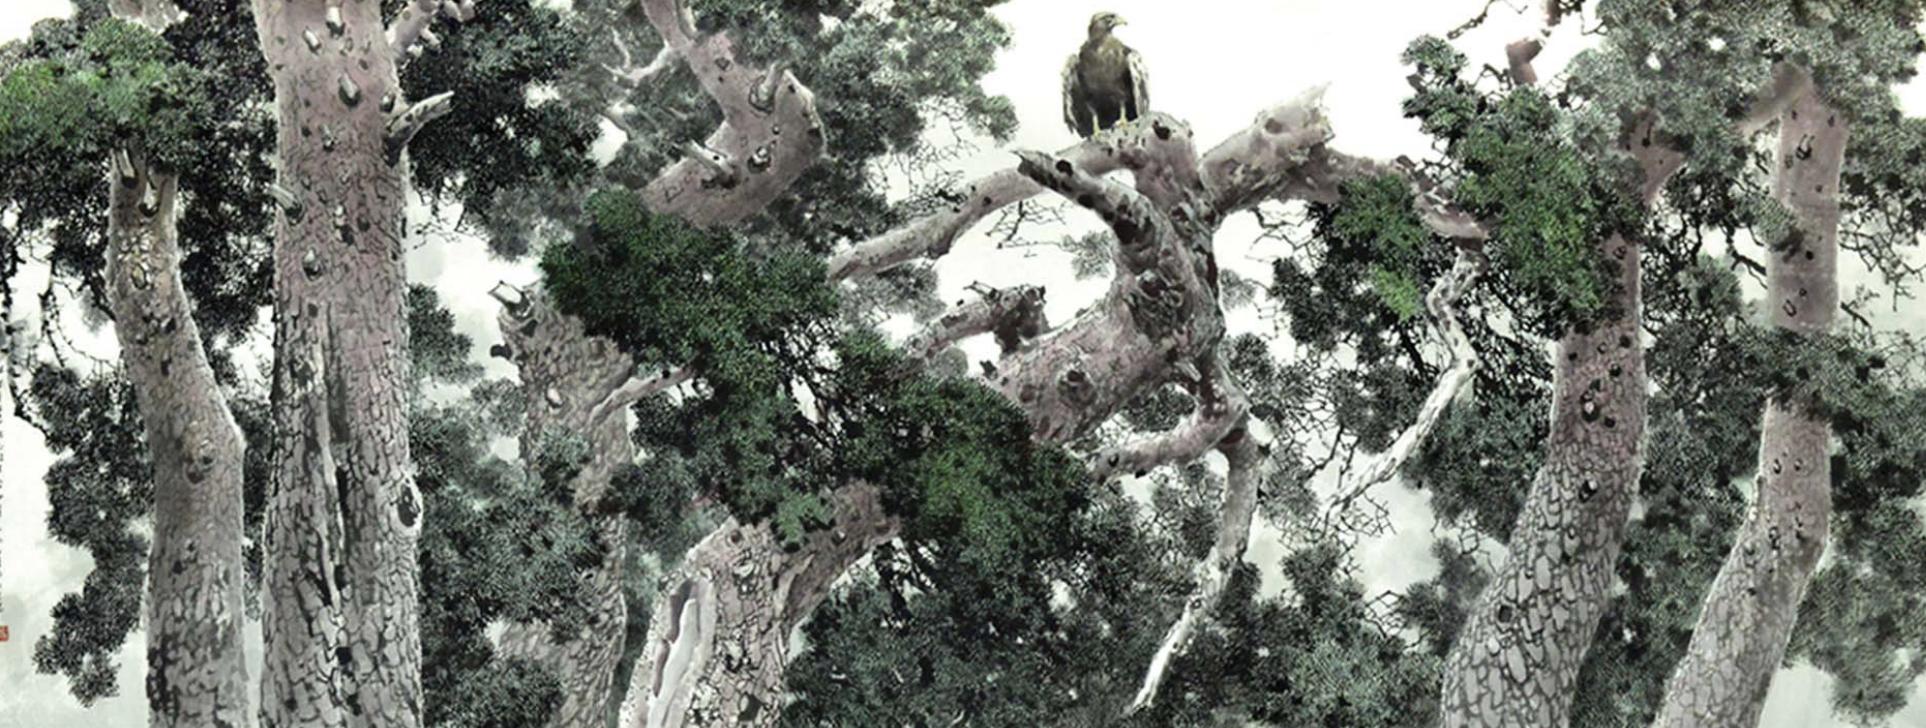 Korean painting Pine Tree and Goshawk